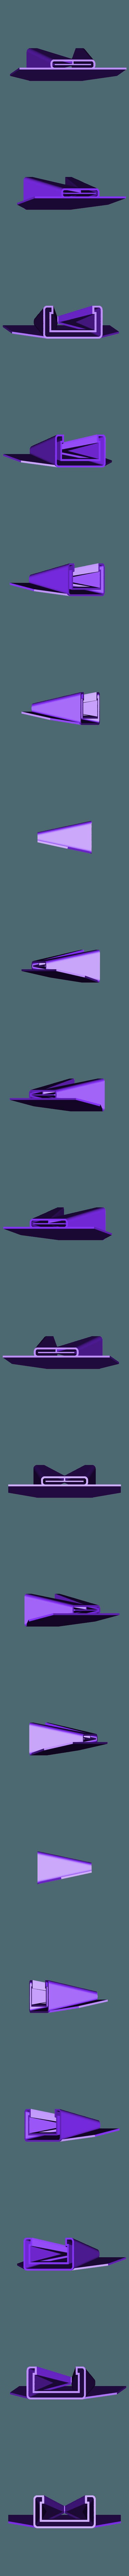 4cmBiasTape_Q2_wings.stl Download free STL file 3cm / 3.5cm / 4cm / 5cm Simple Bias Tape Maker, zakladac pasku • 3D printable template, ongaroo